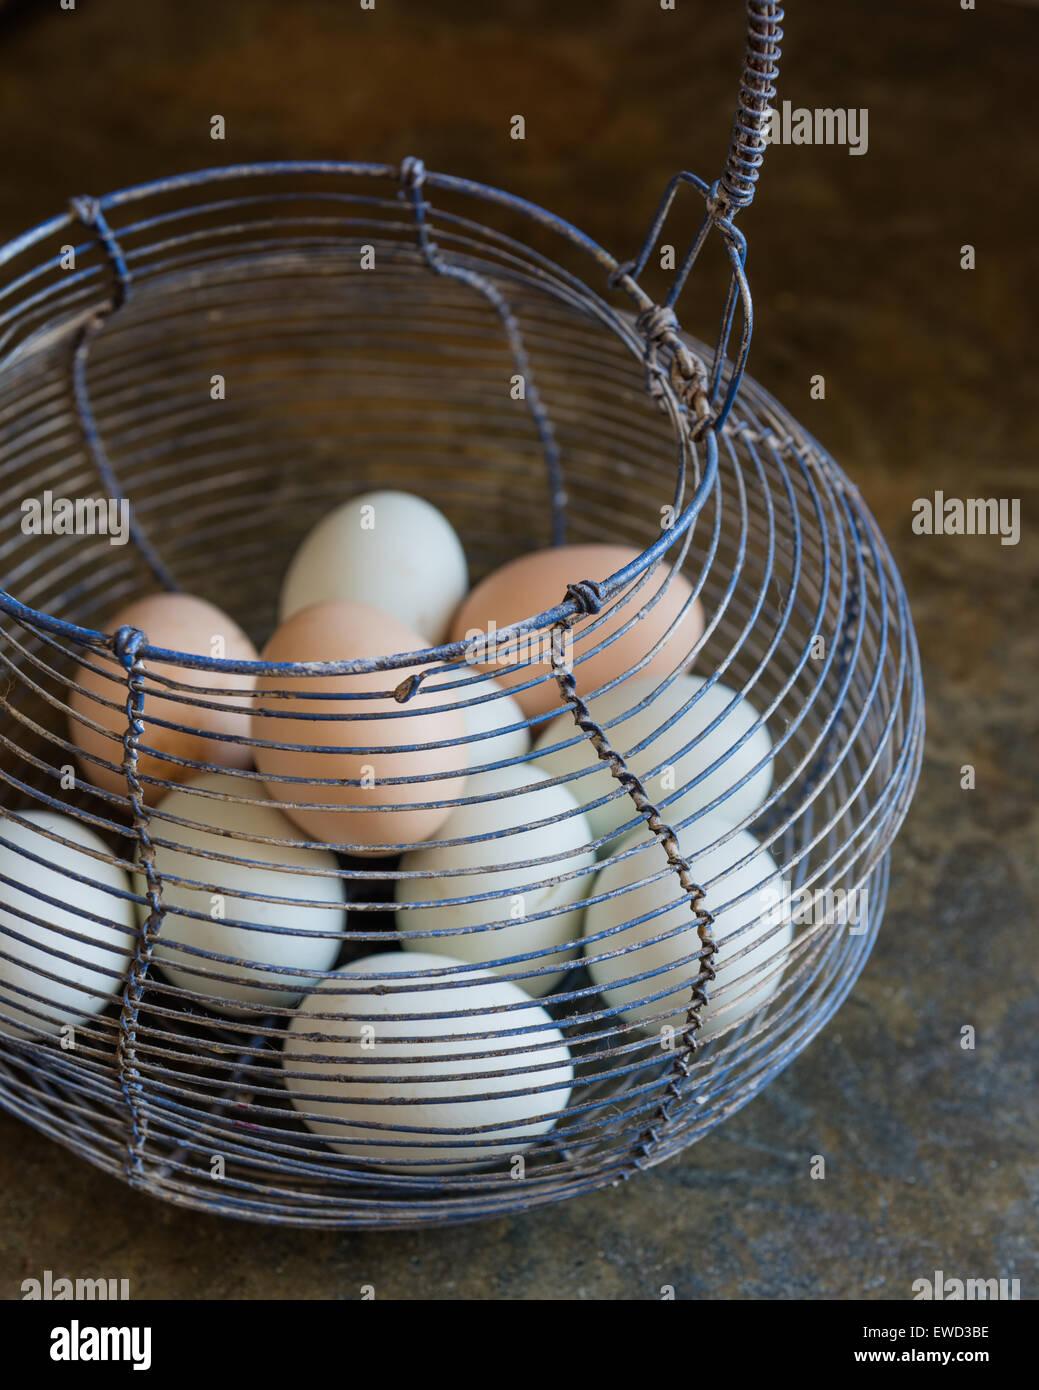 Le uova in un vintage Cestello in filo metallico Immagini Stock